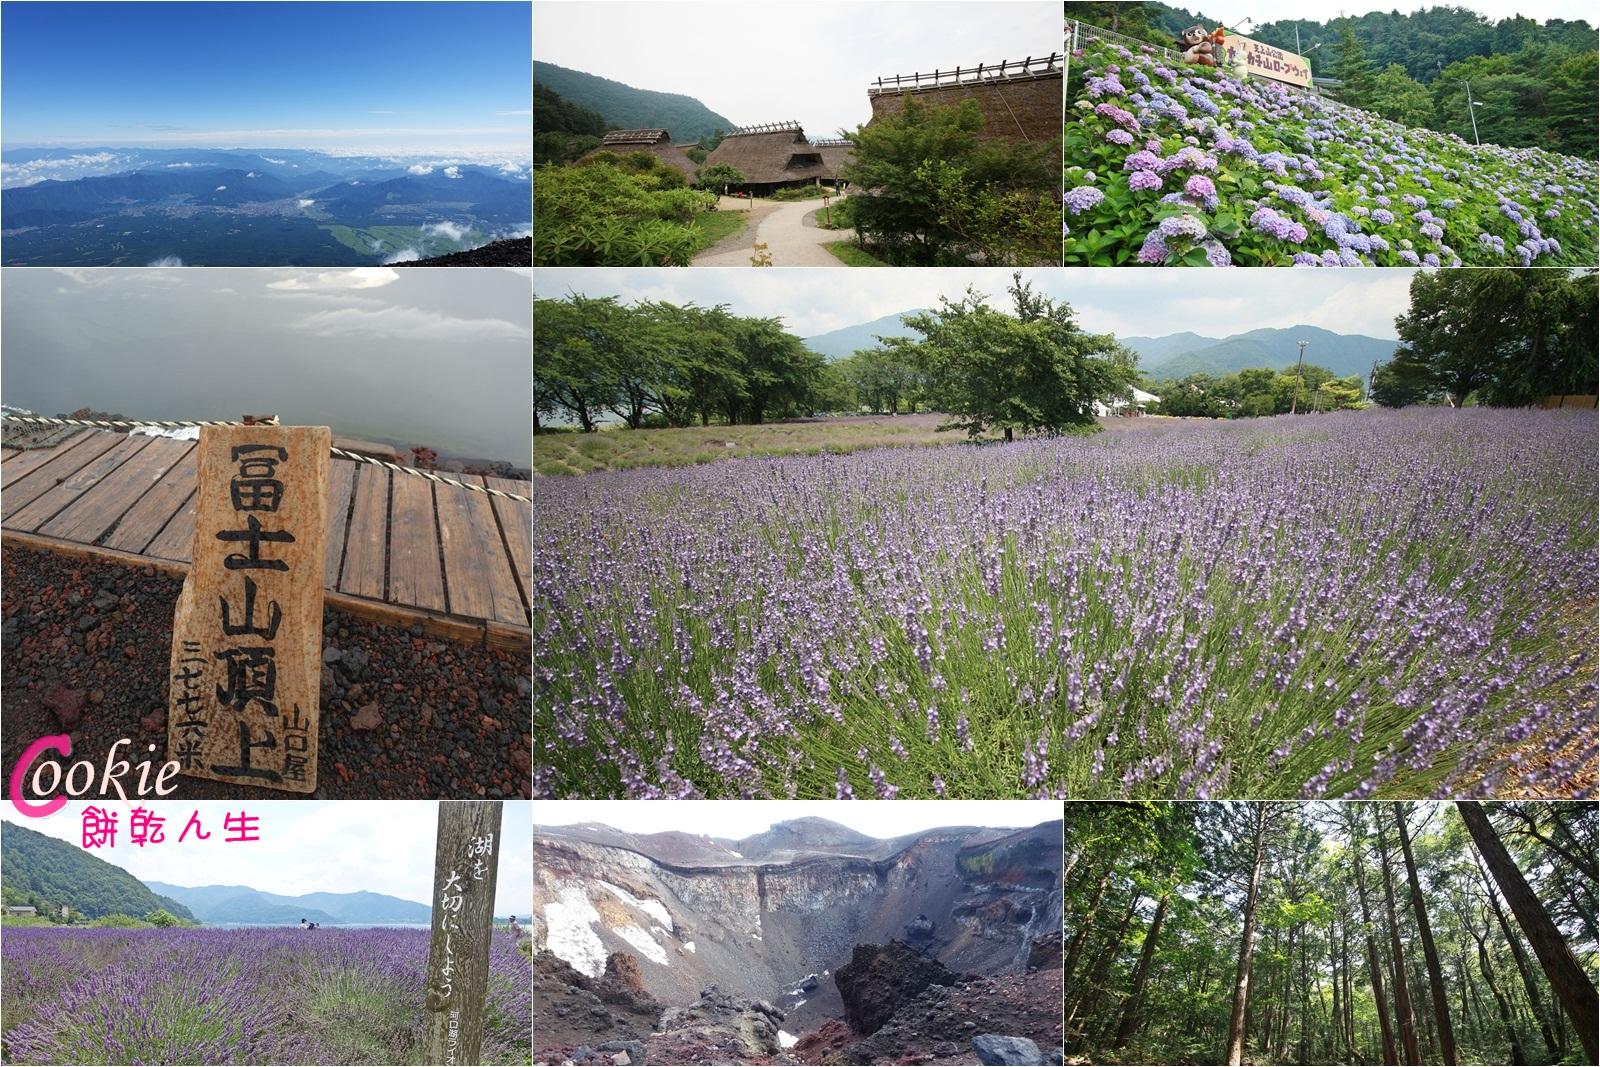 日本登富士山自由行 赏薰衣草,里根场,风穴冰穴,自杀树海